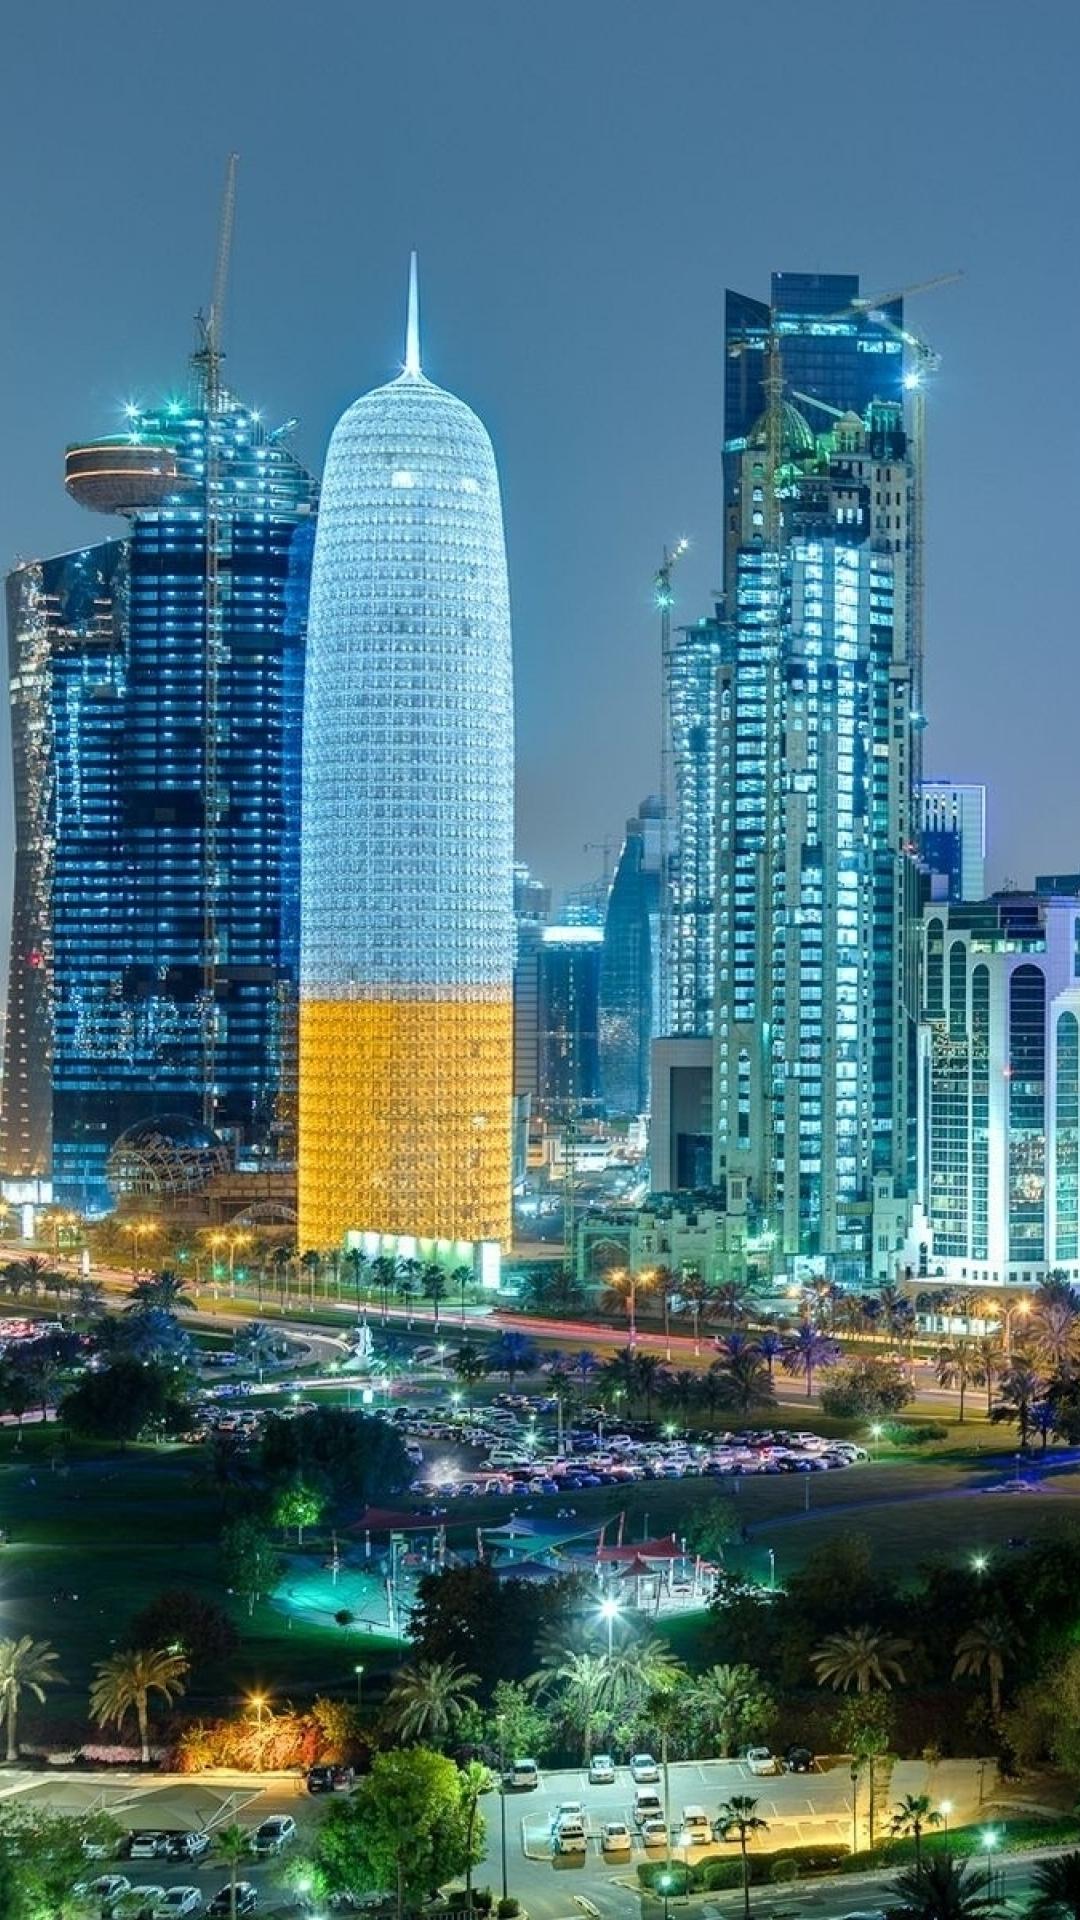 3d Wallpaper In Qatar Cool Desktop Wallpaper 906 Hdwpro